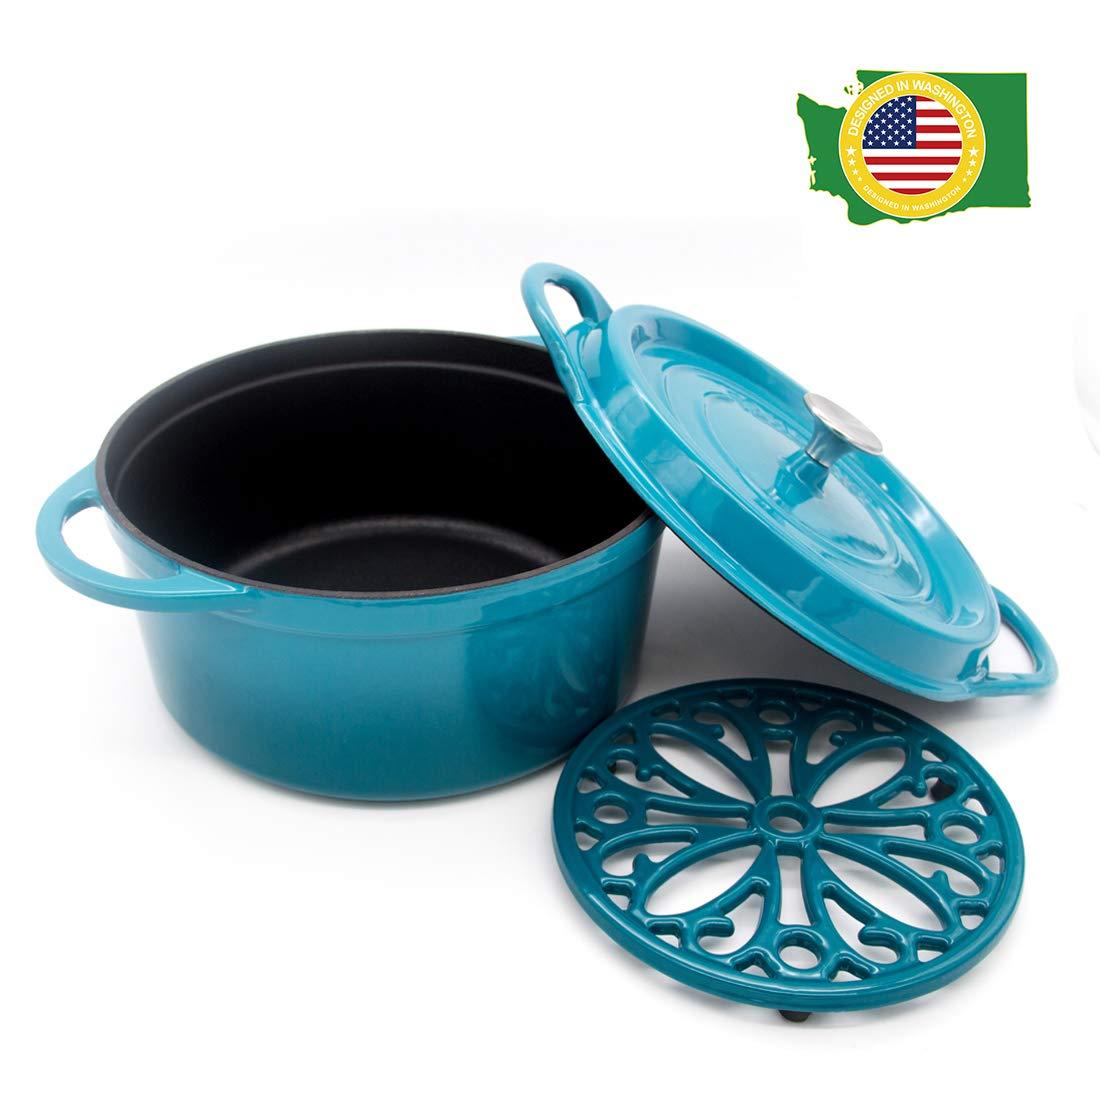 Cast Iron Dutch Oven with Lid Enameled Nonstick Cookware Trivet Dual Handles 6 Quart Blue T&H Danc